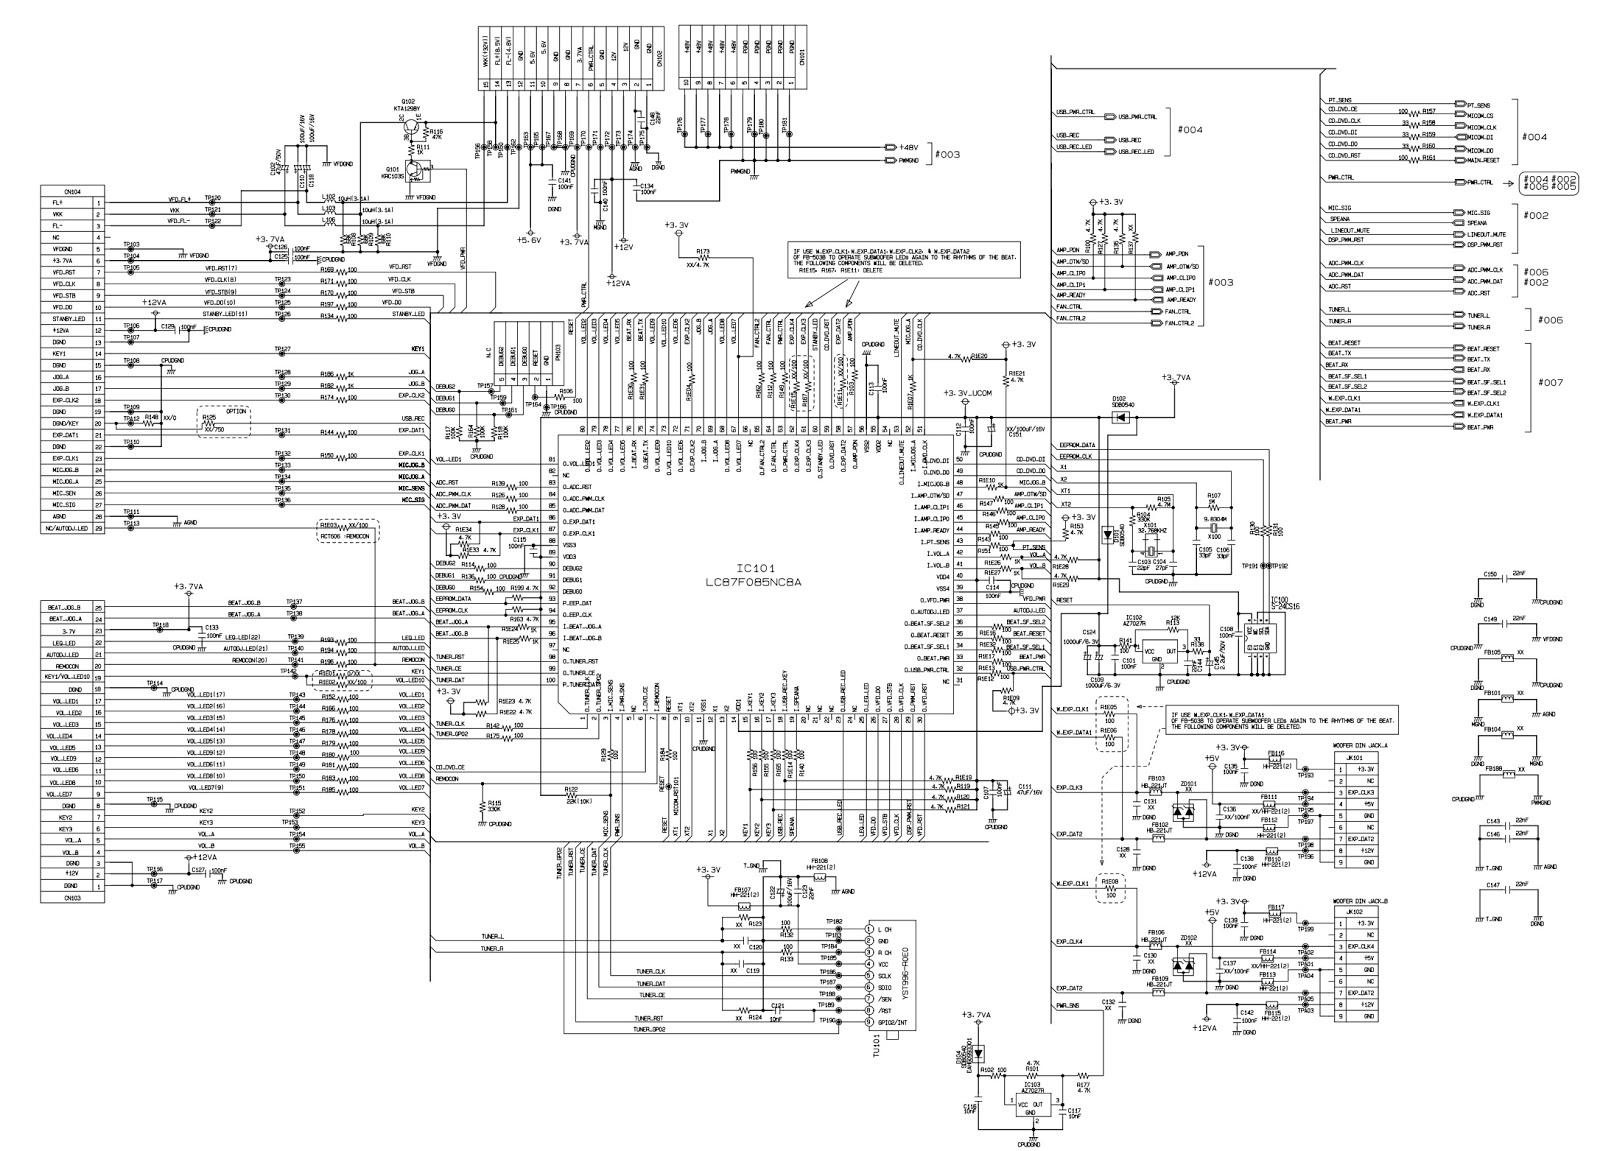 LG CM6520 Mini Hi-Fi System – Schematic